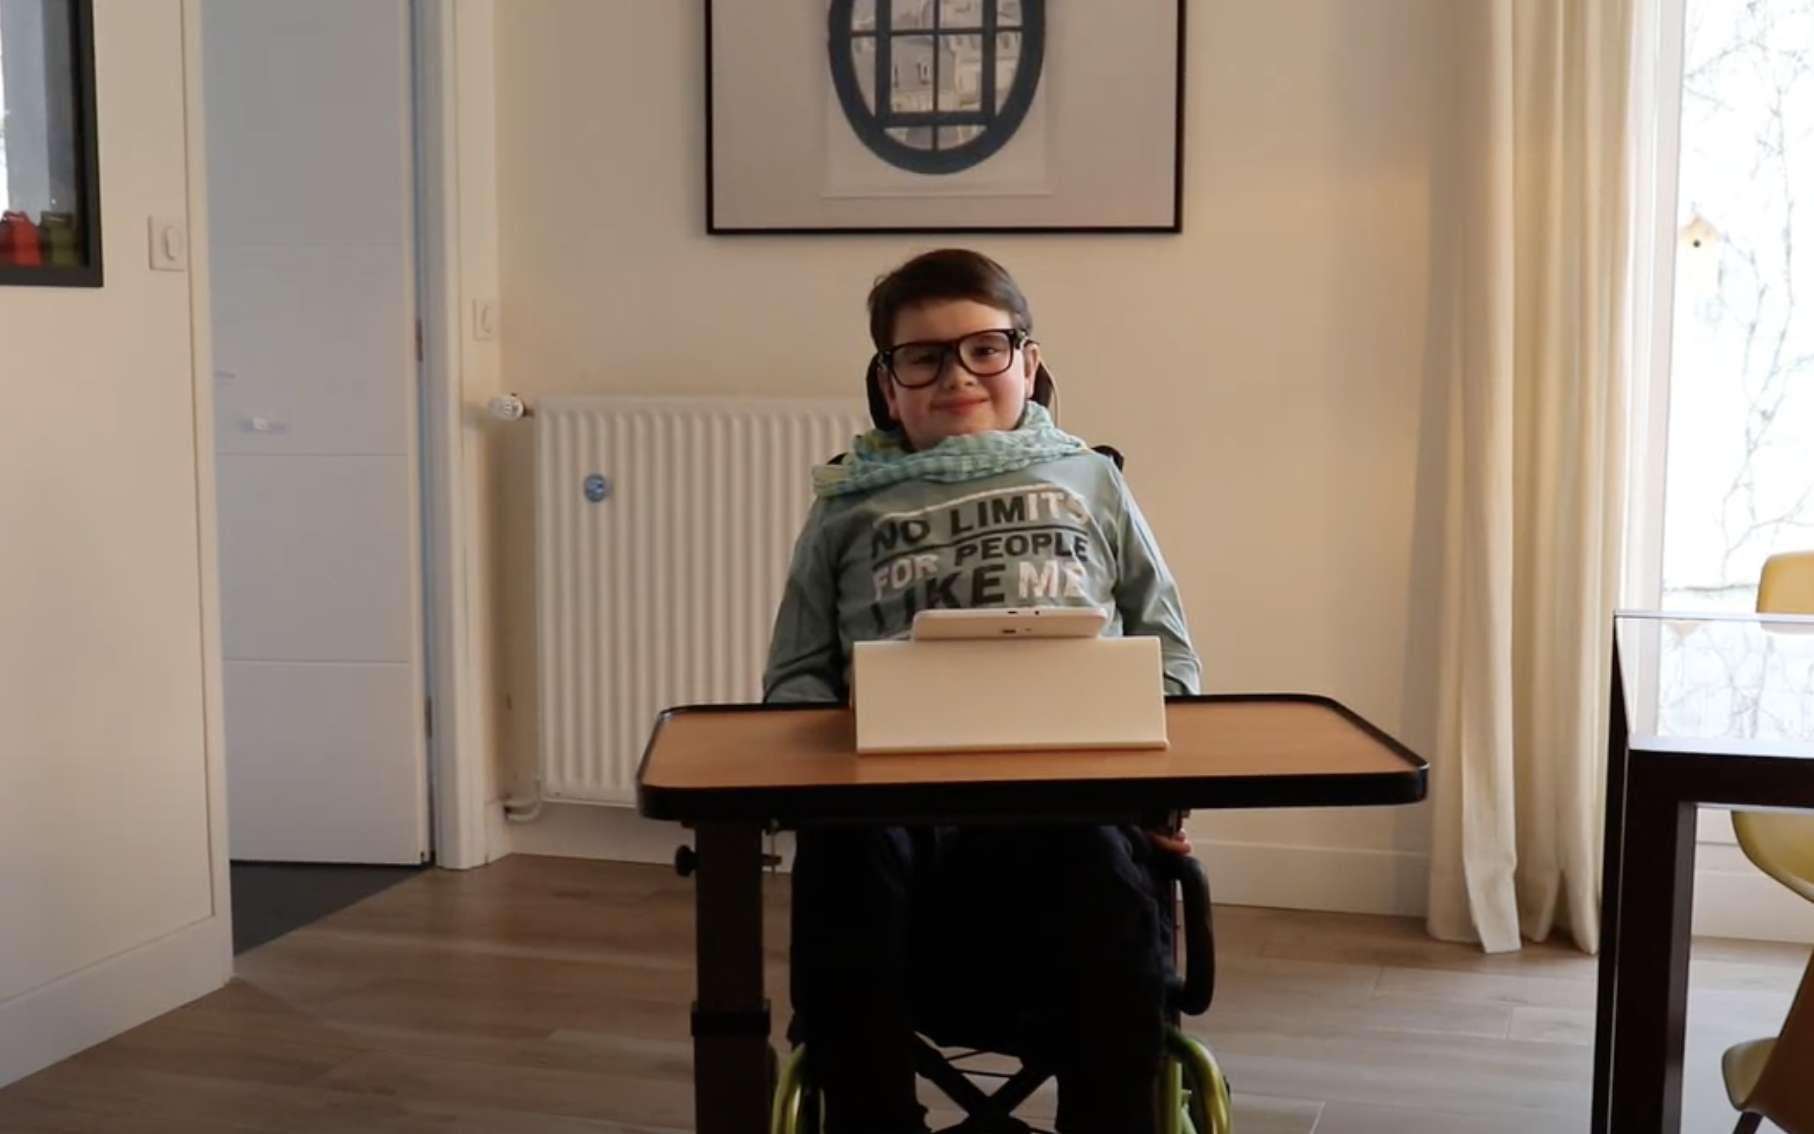 Wyes a créé un dispositif de communication destiné aux personnes en situation de handicap. © Wyes